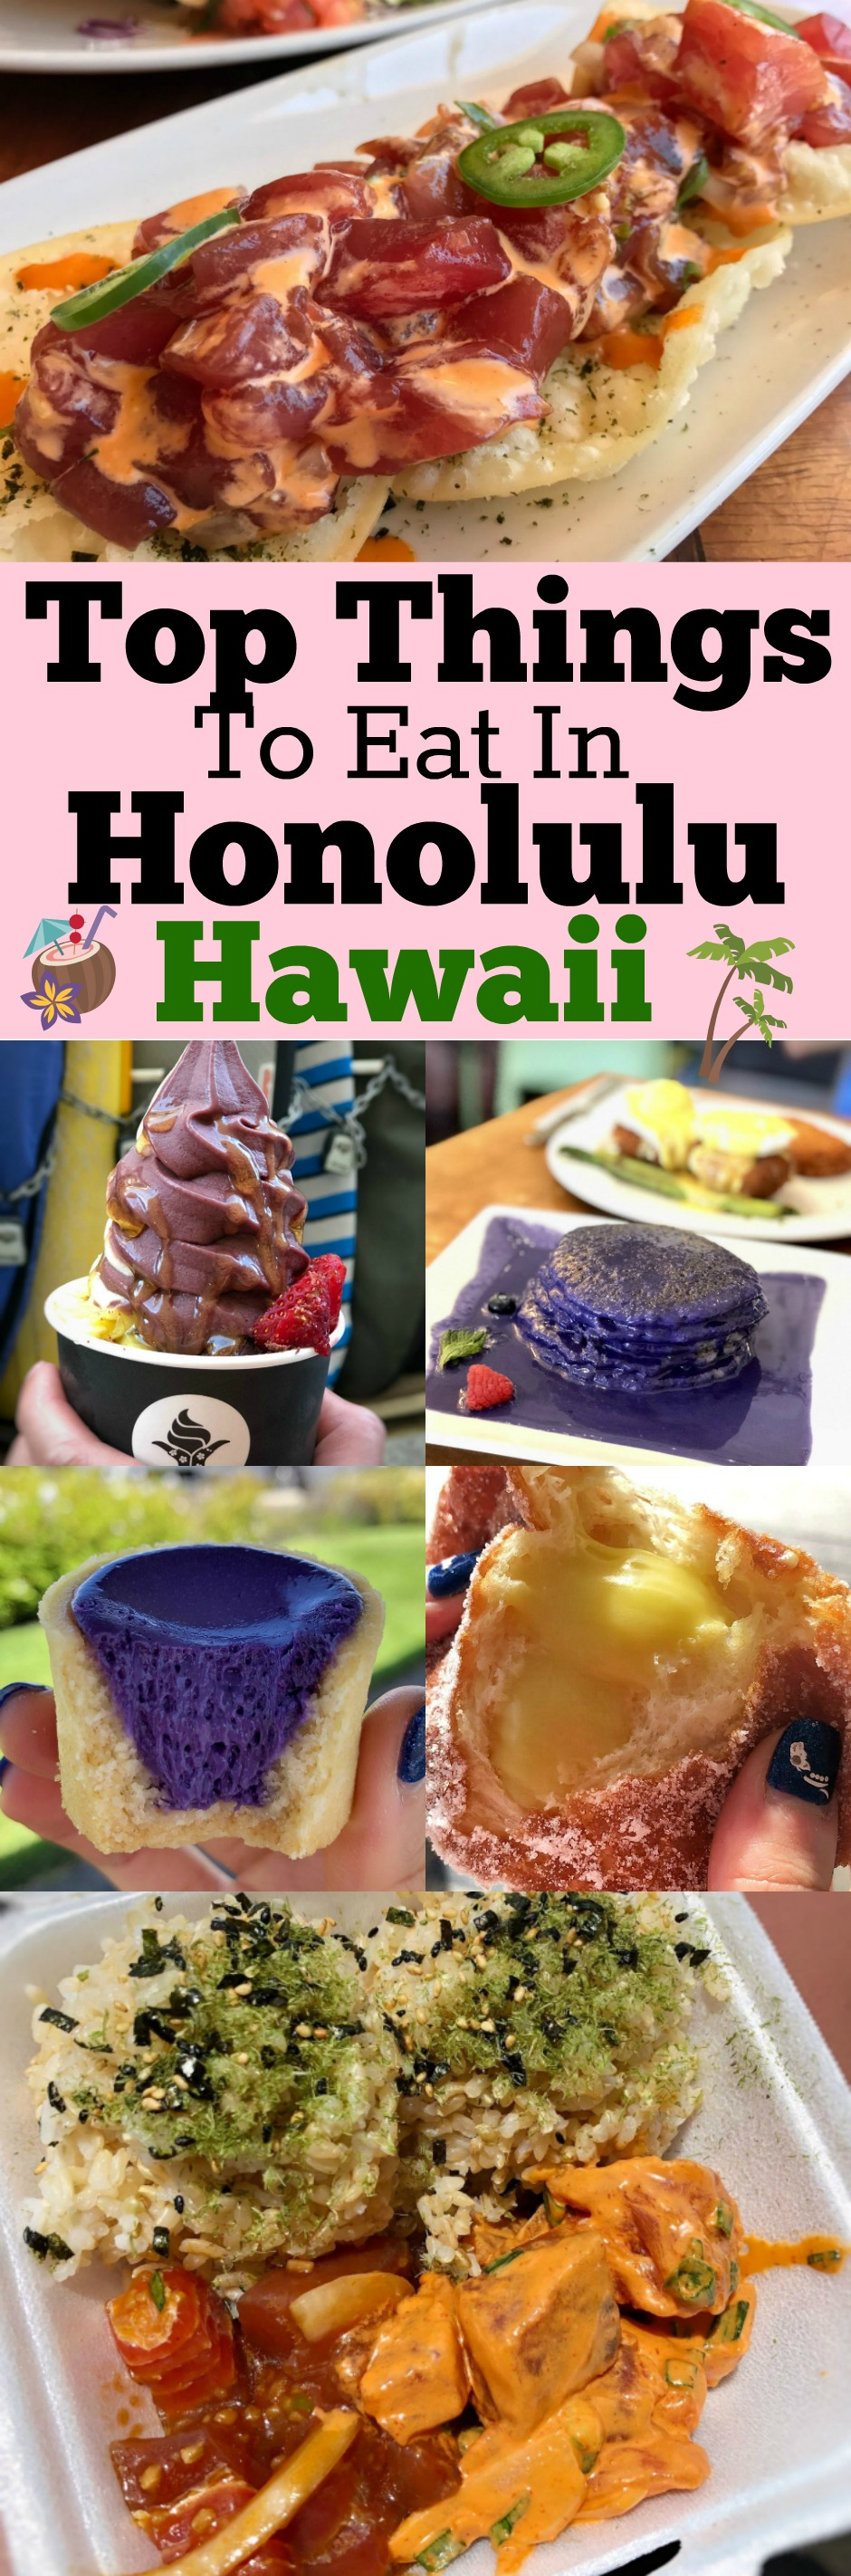 Top Things to eat in Honolulu Hawaii